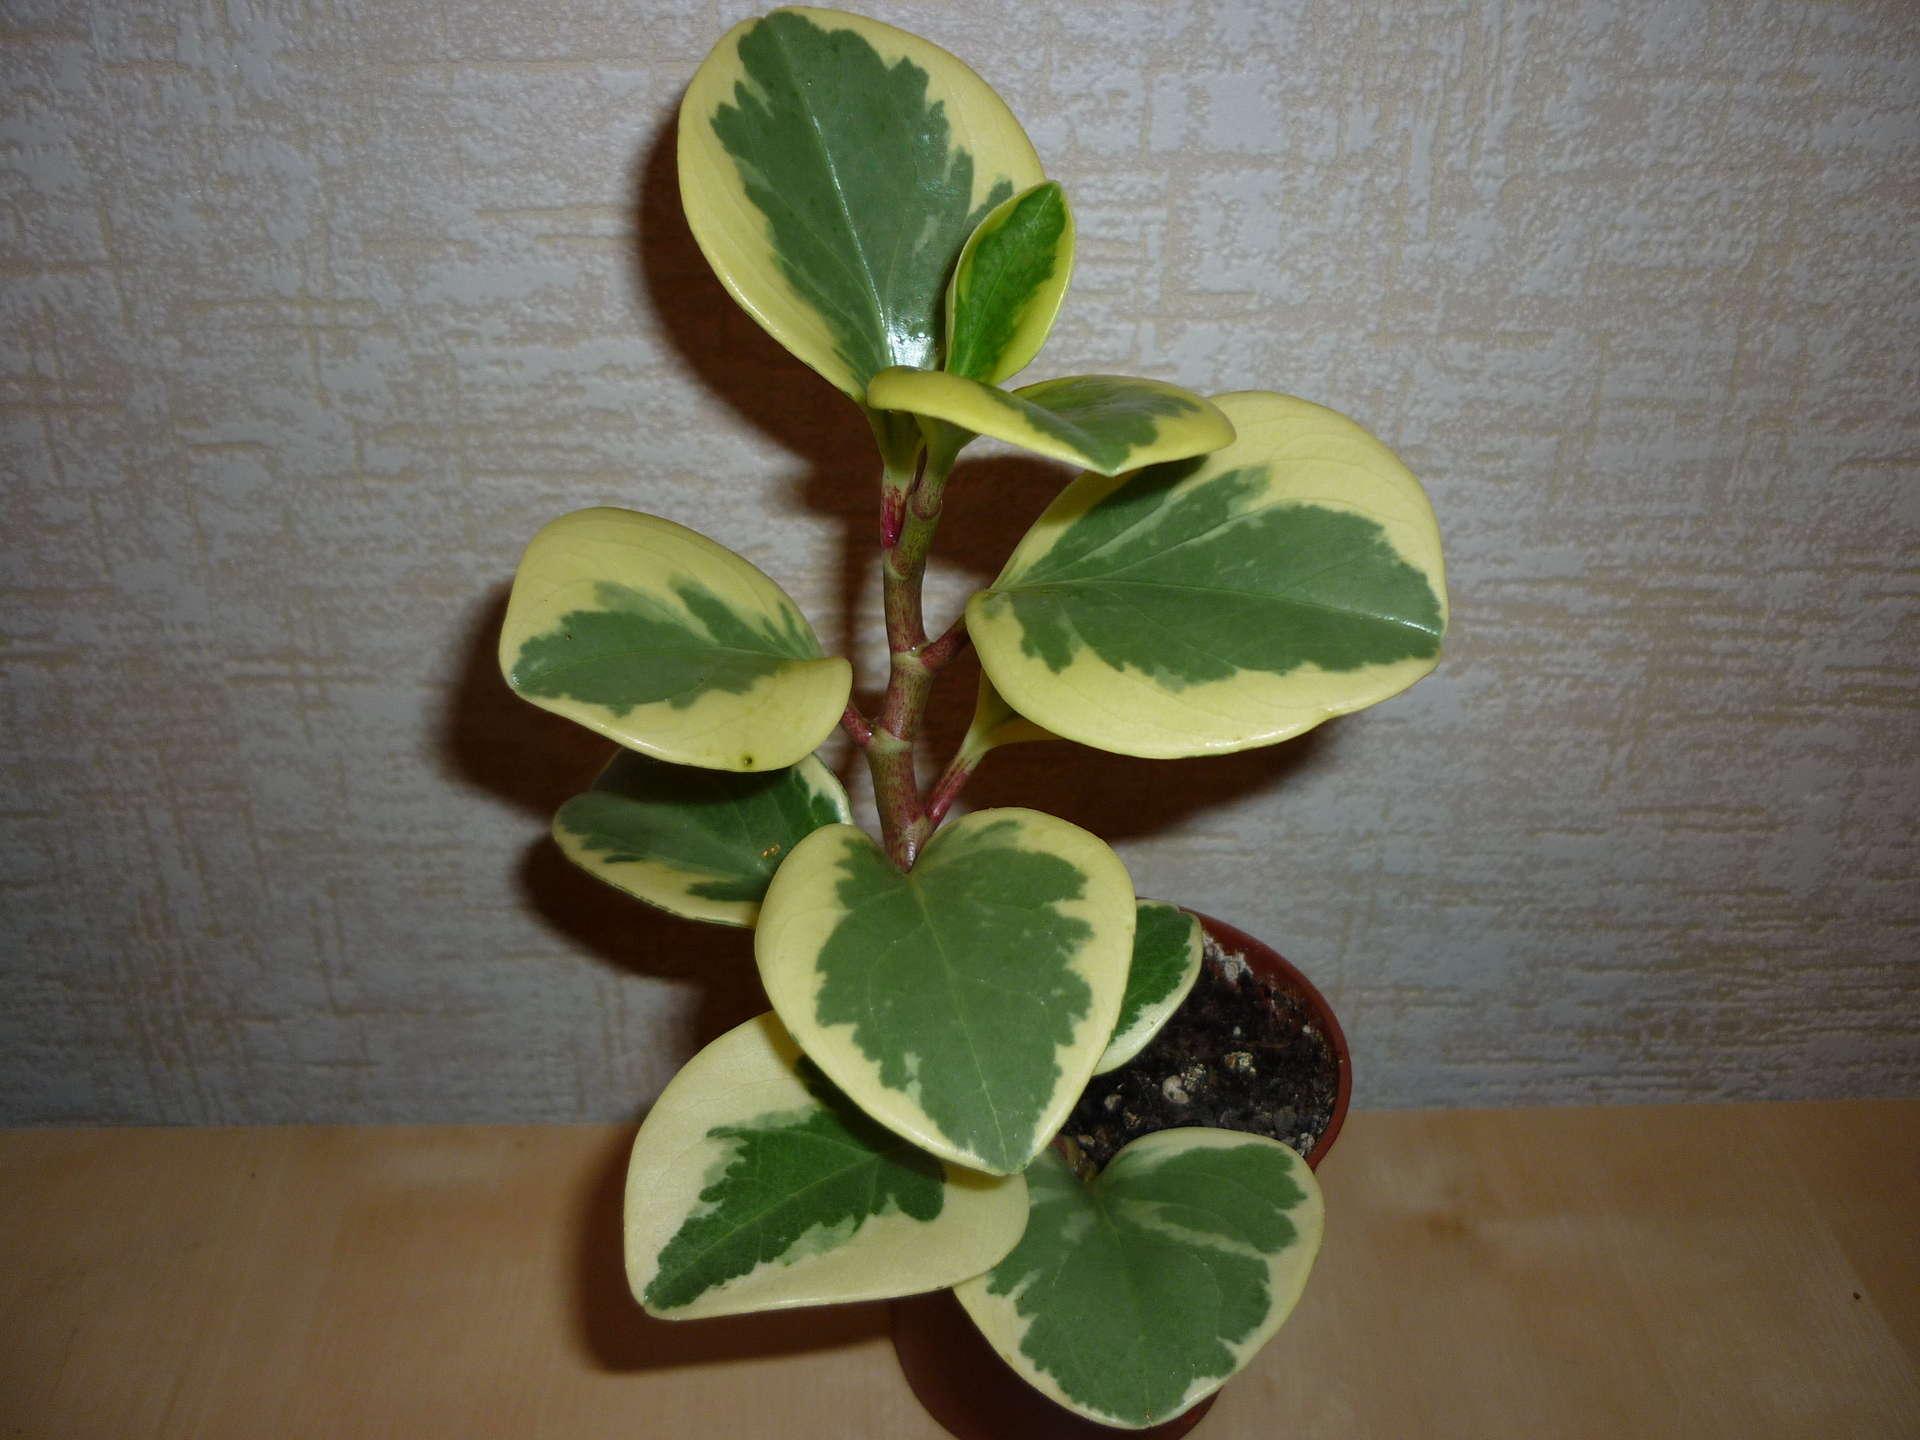 Фото комнатного цветка с продолговатыми листьями